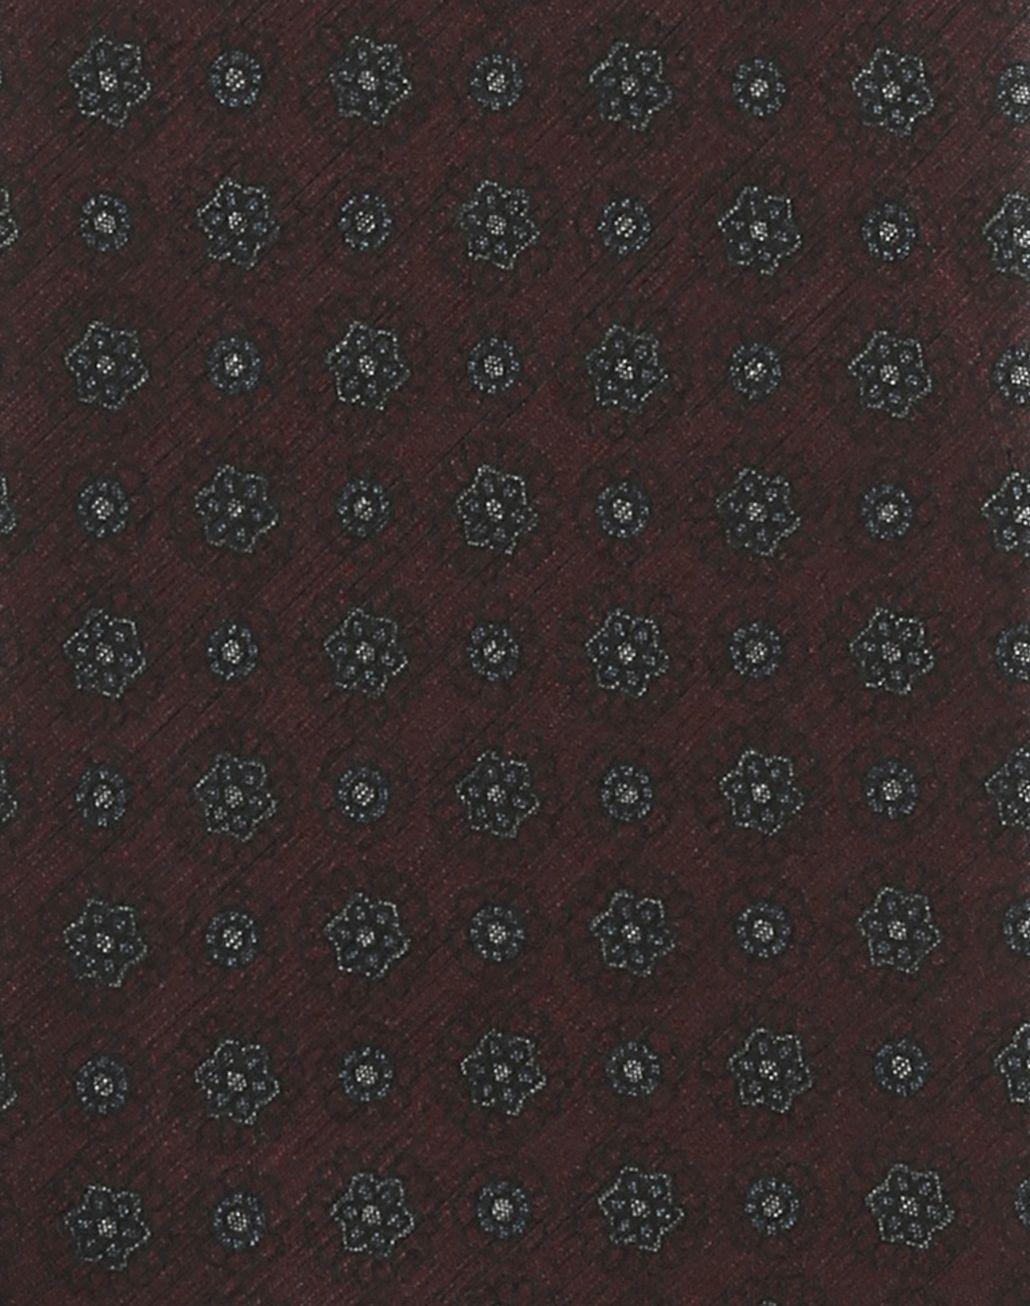 BRIONI Галстук пурпурного цвета с макроузором Галстук Для Мужчин e